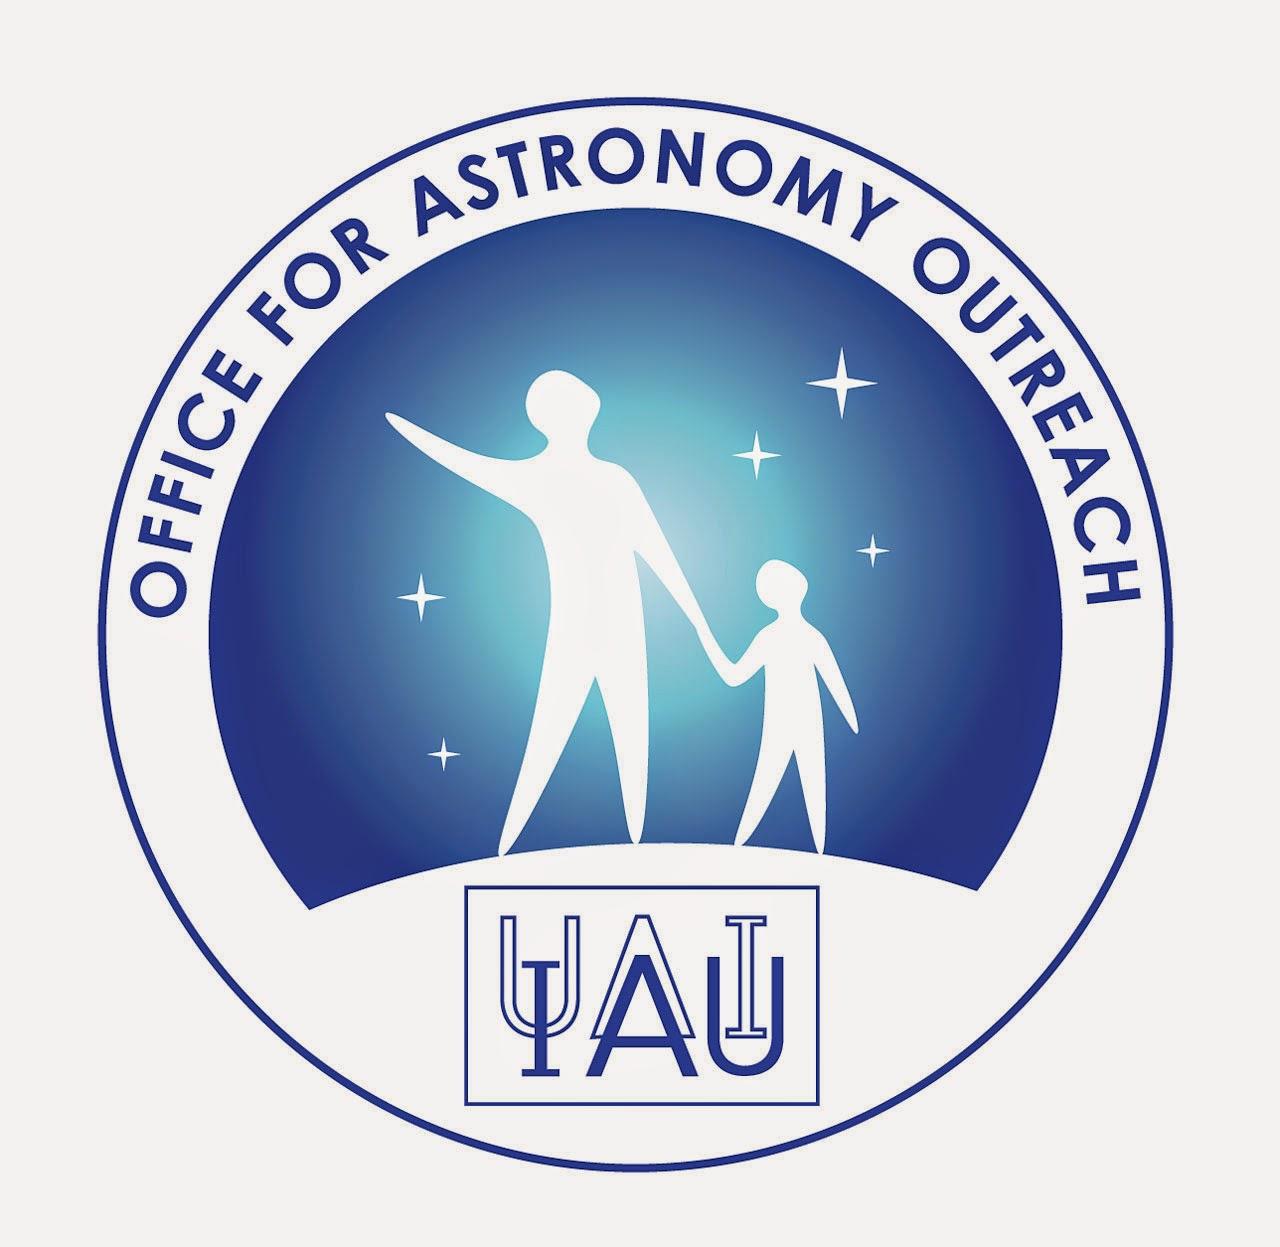 Oficina para la Divulgación de la Astronomía (UAI-OAO)